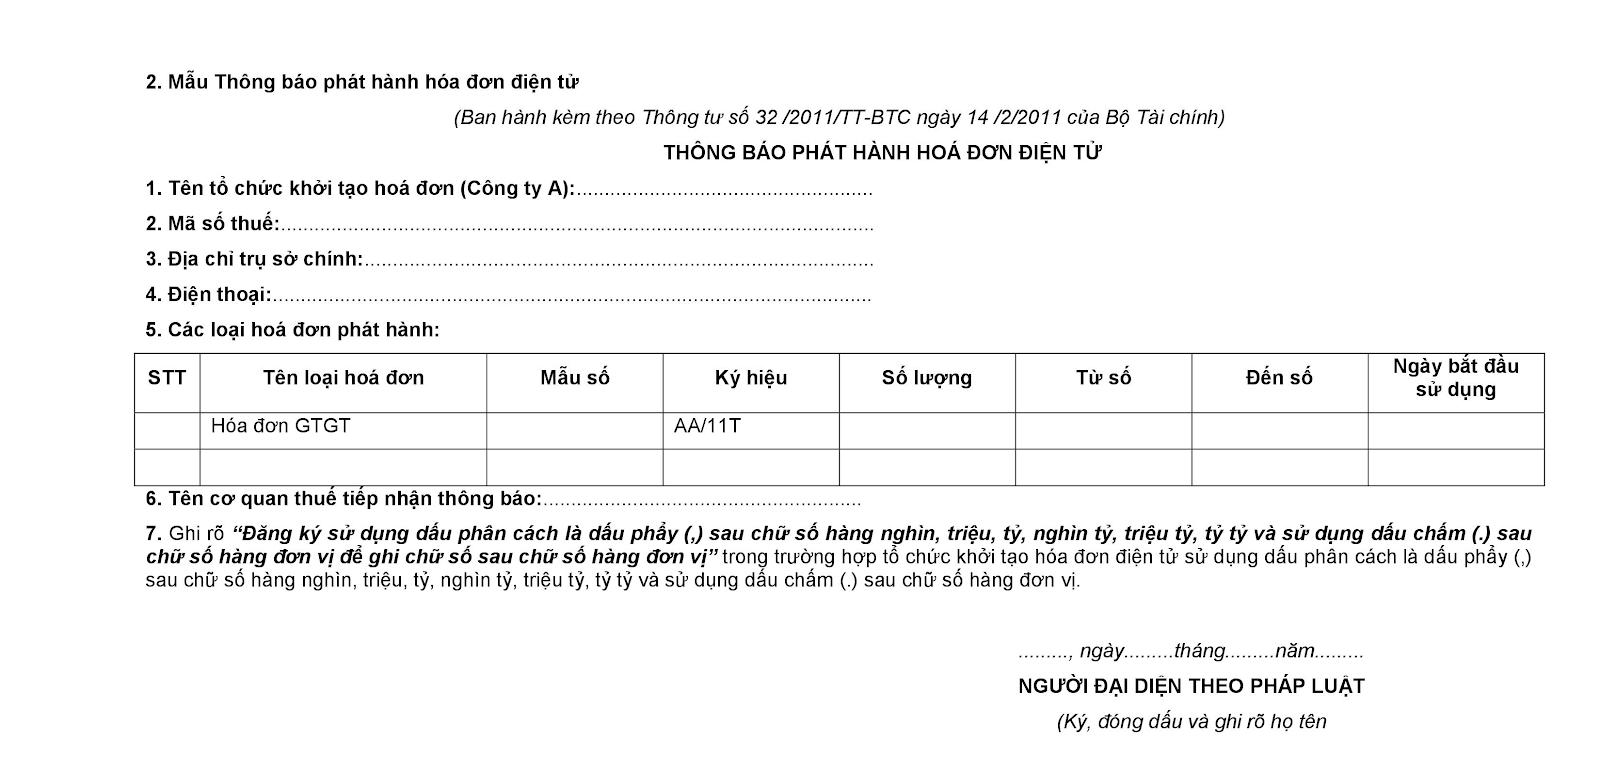 Mẫu số 2 Phụ lục ban hành kèm theo Thông tư 32/2011/TT-BTC